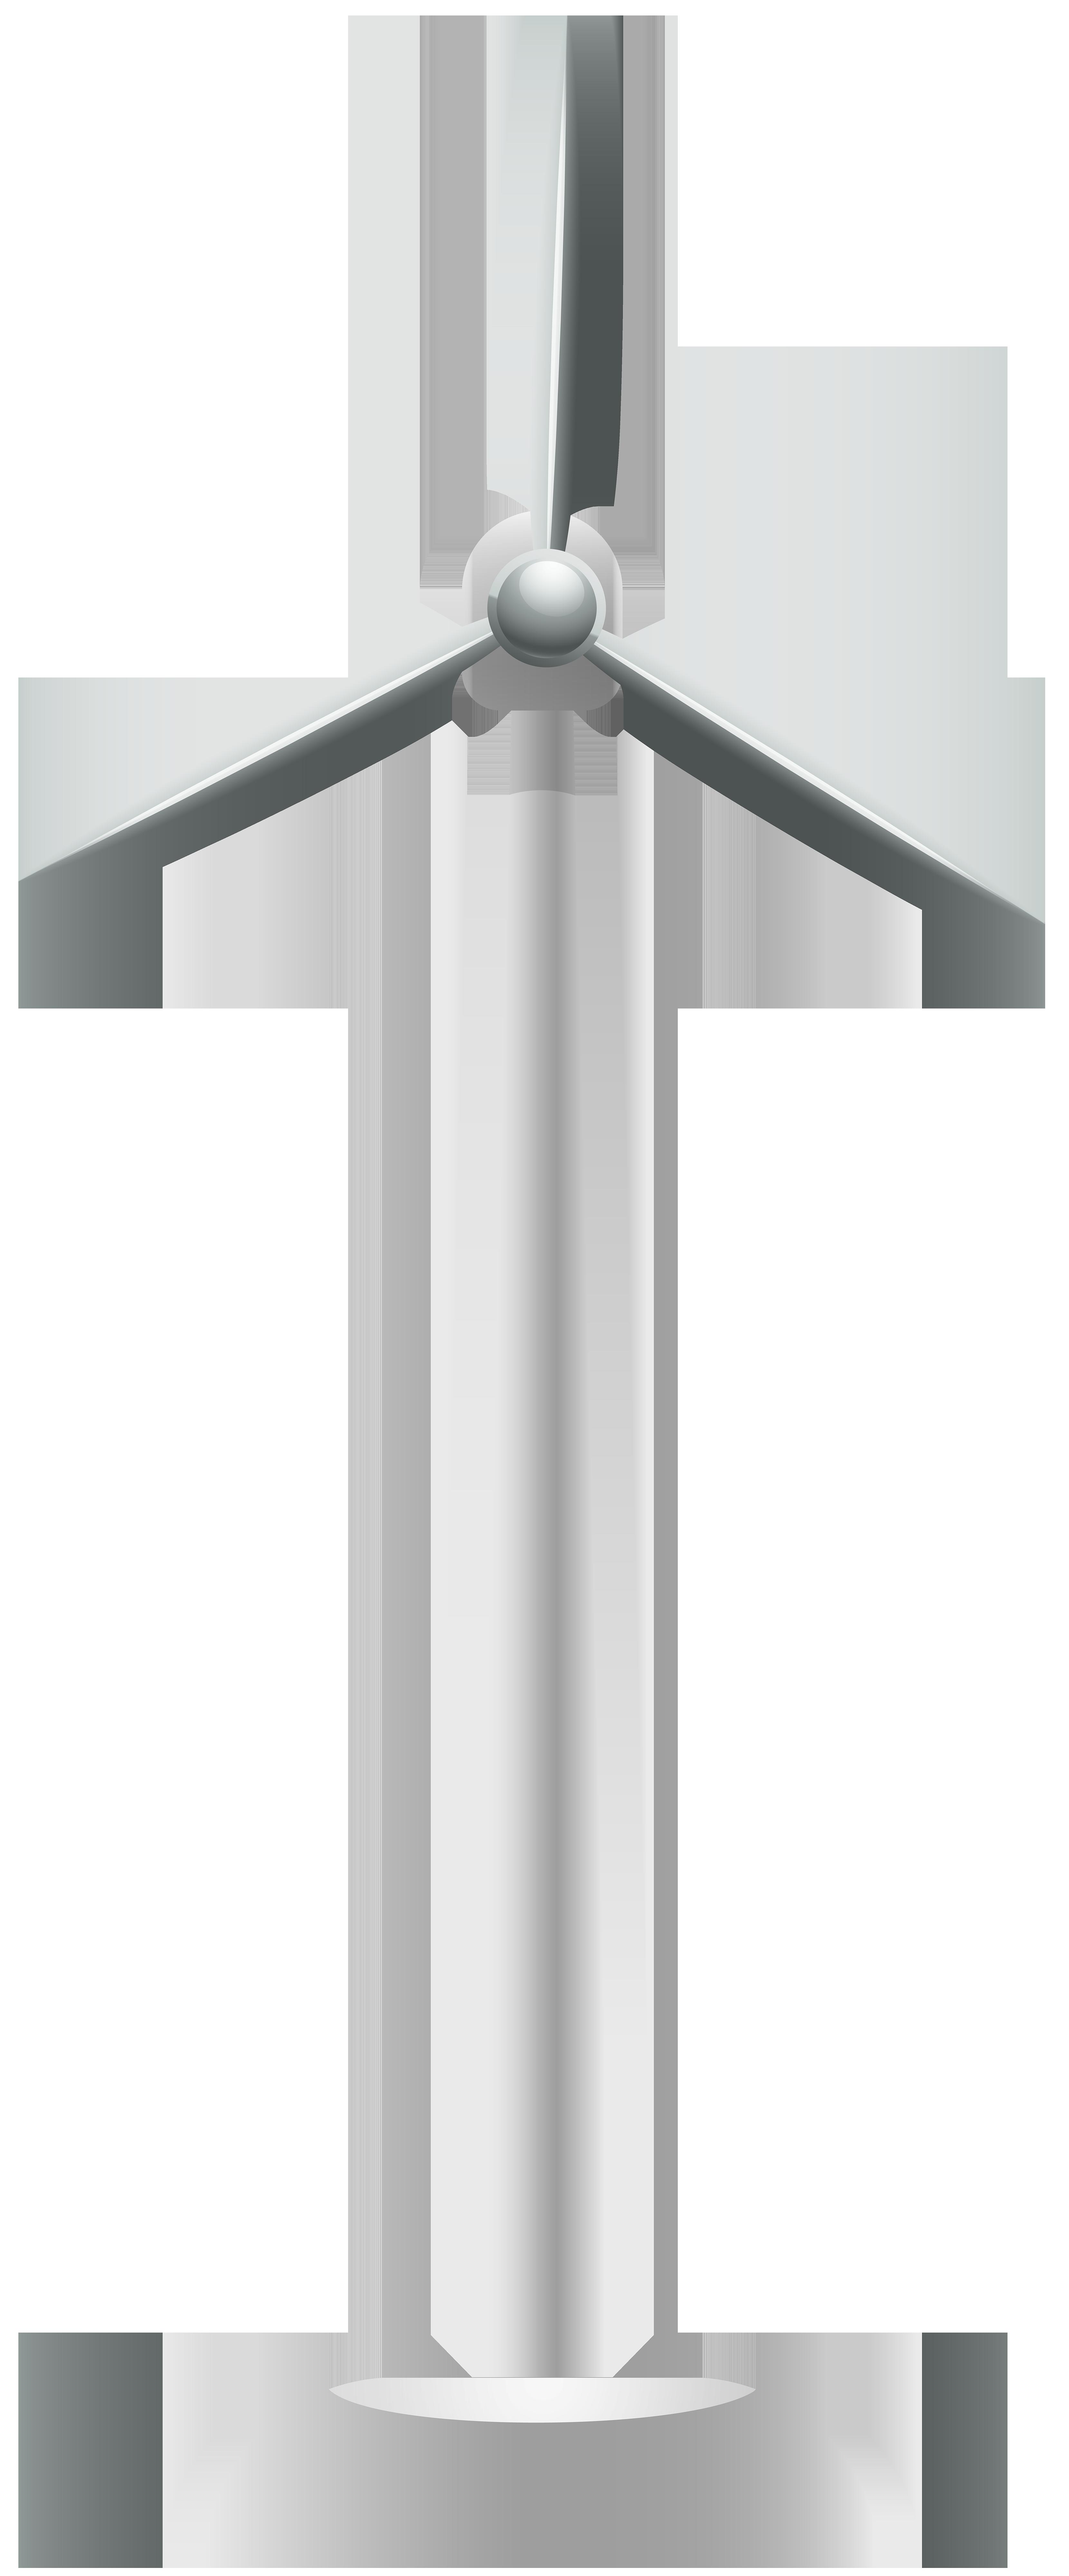 Windmill clipart head #6